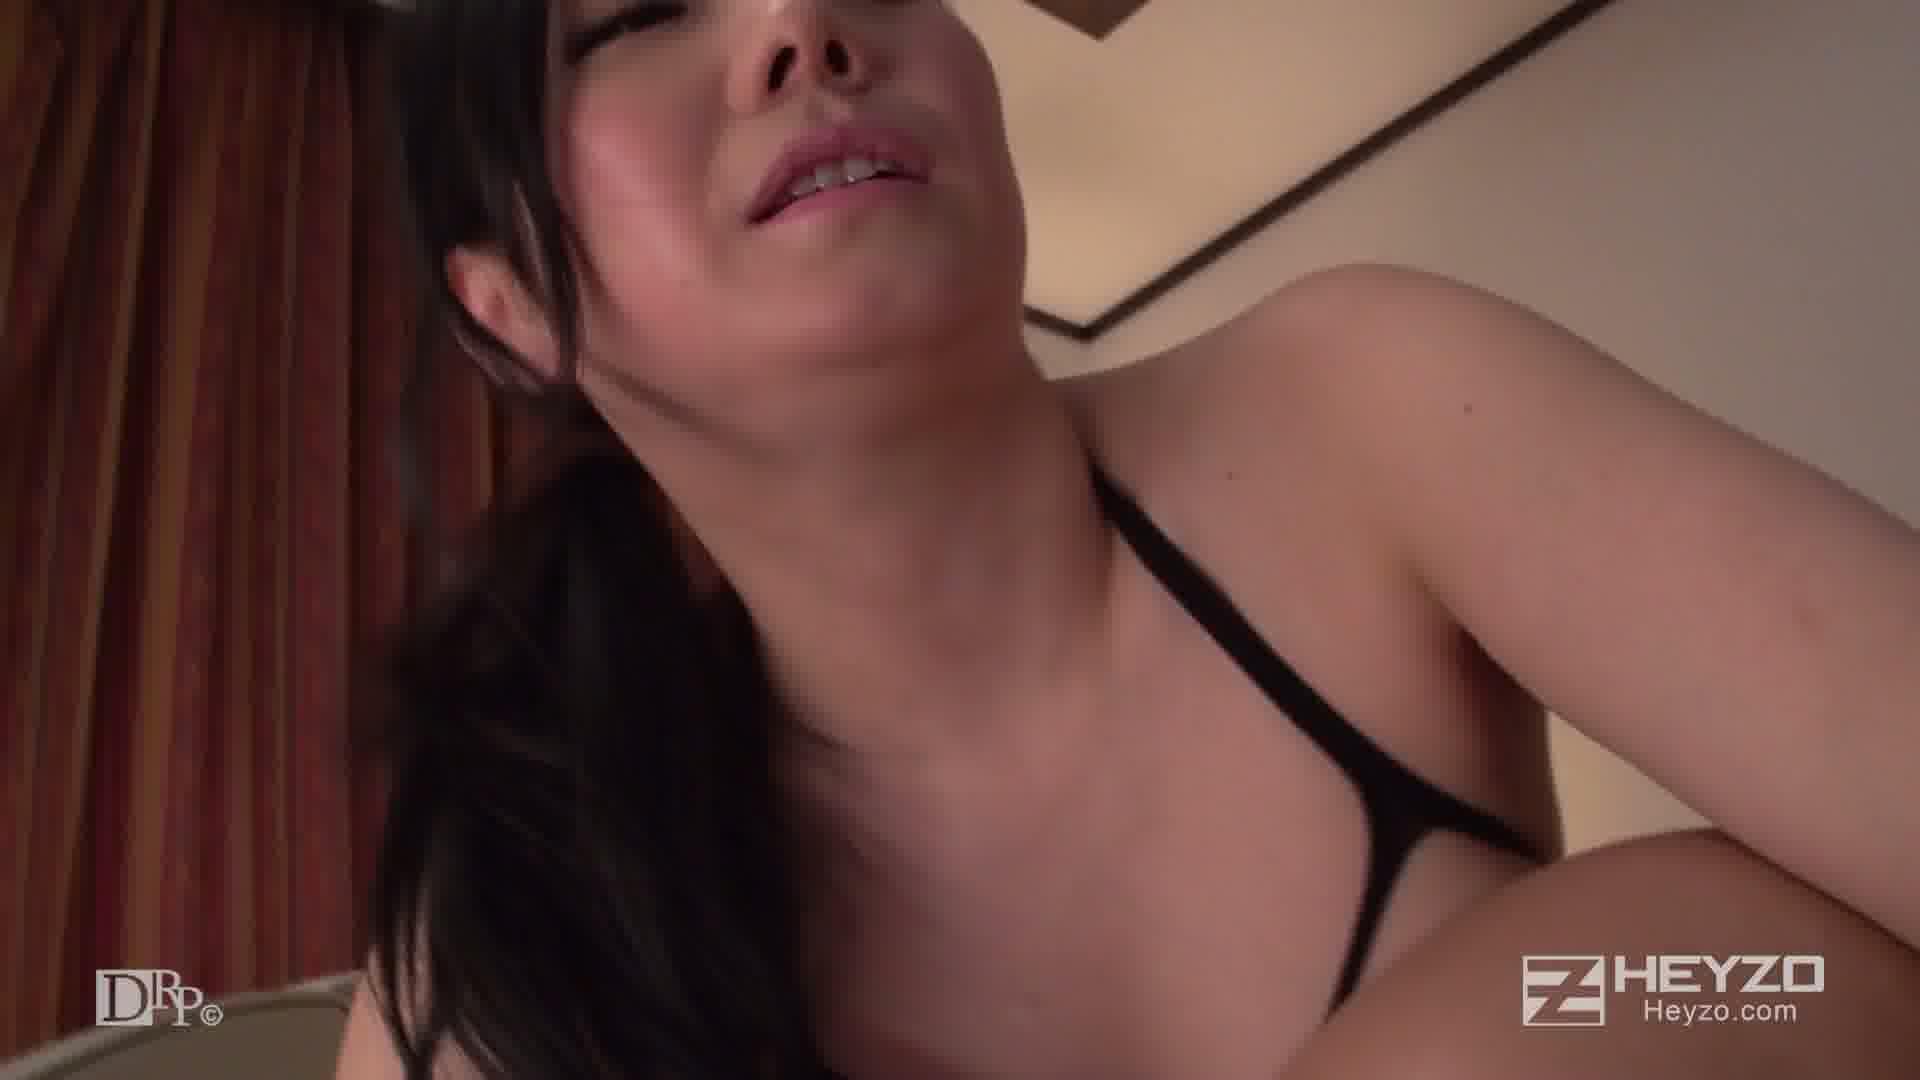 変態女淫長のクリニックへようこそ! - 和泉紫乃【夜の診察 フェラ】